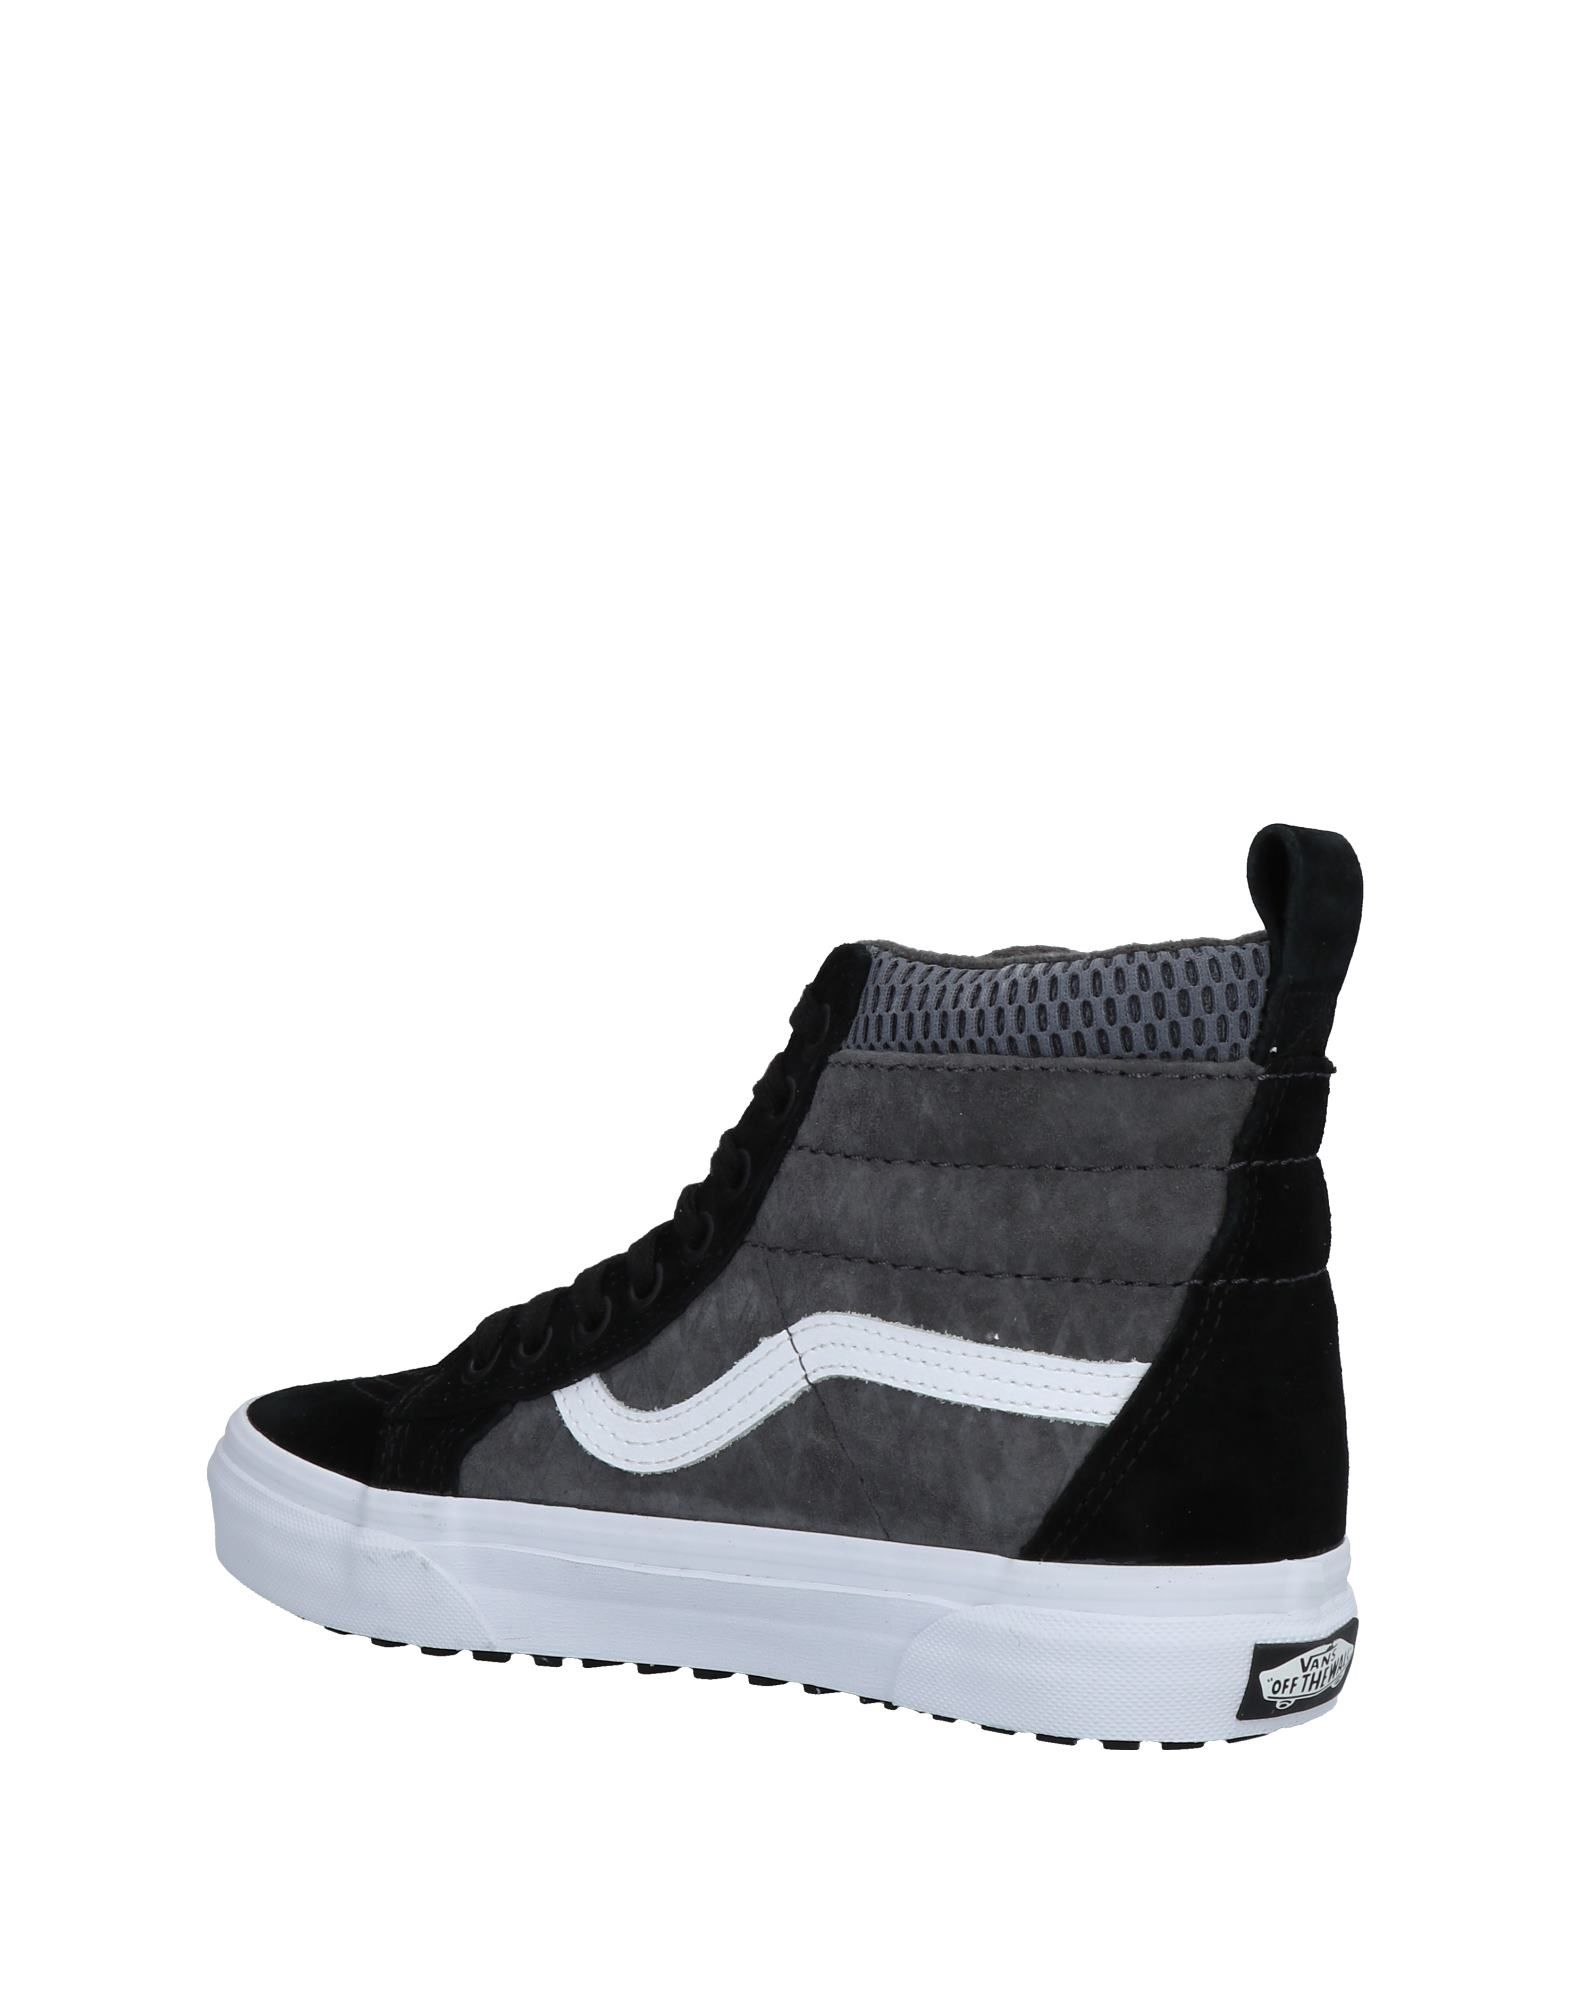 Vans Sneakers Sneakers Vans Damen  11475982UW  68dca9